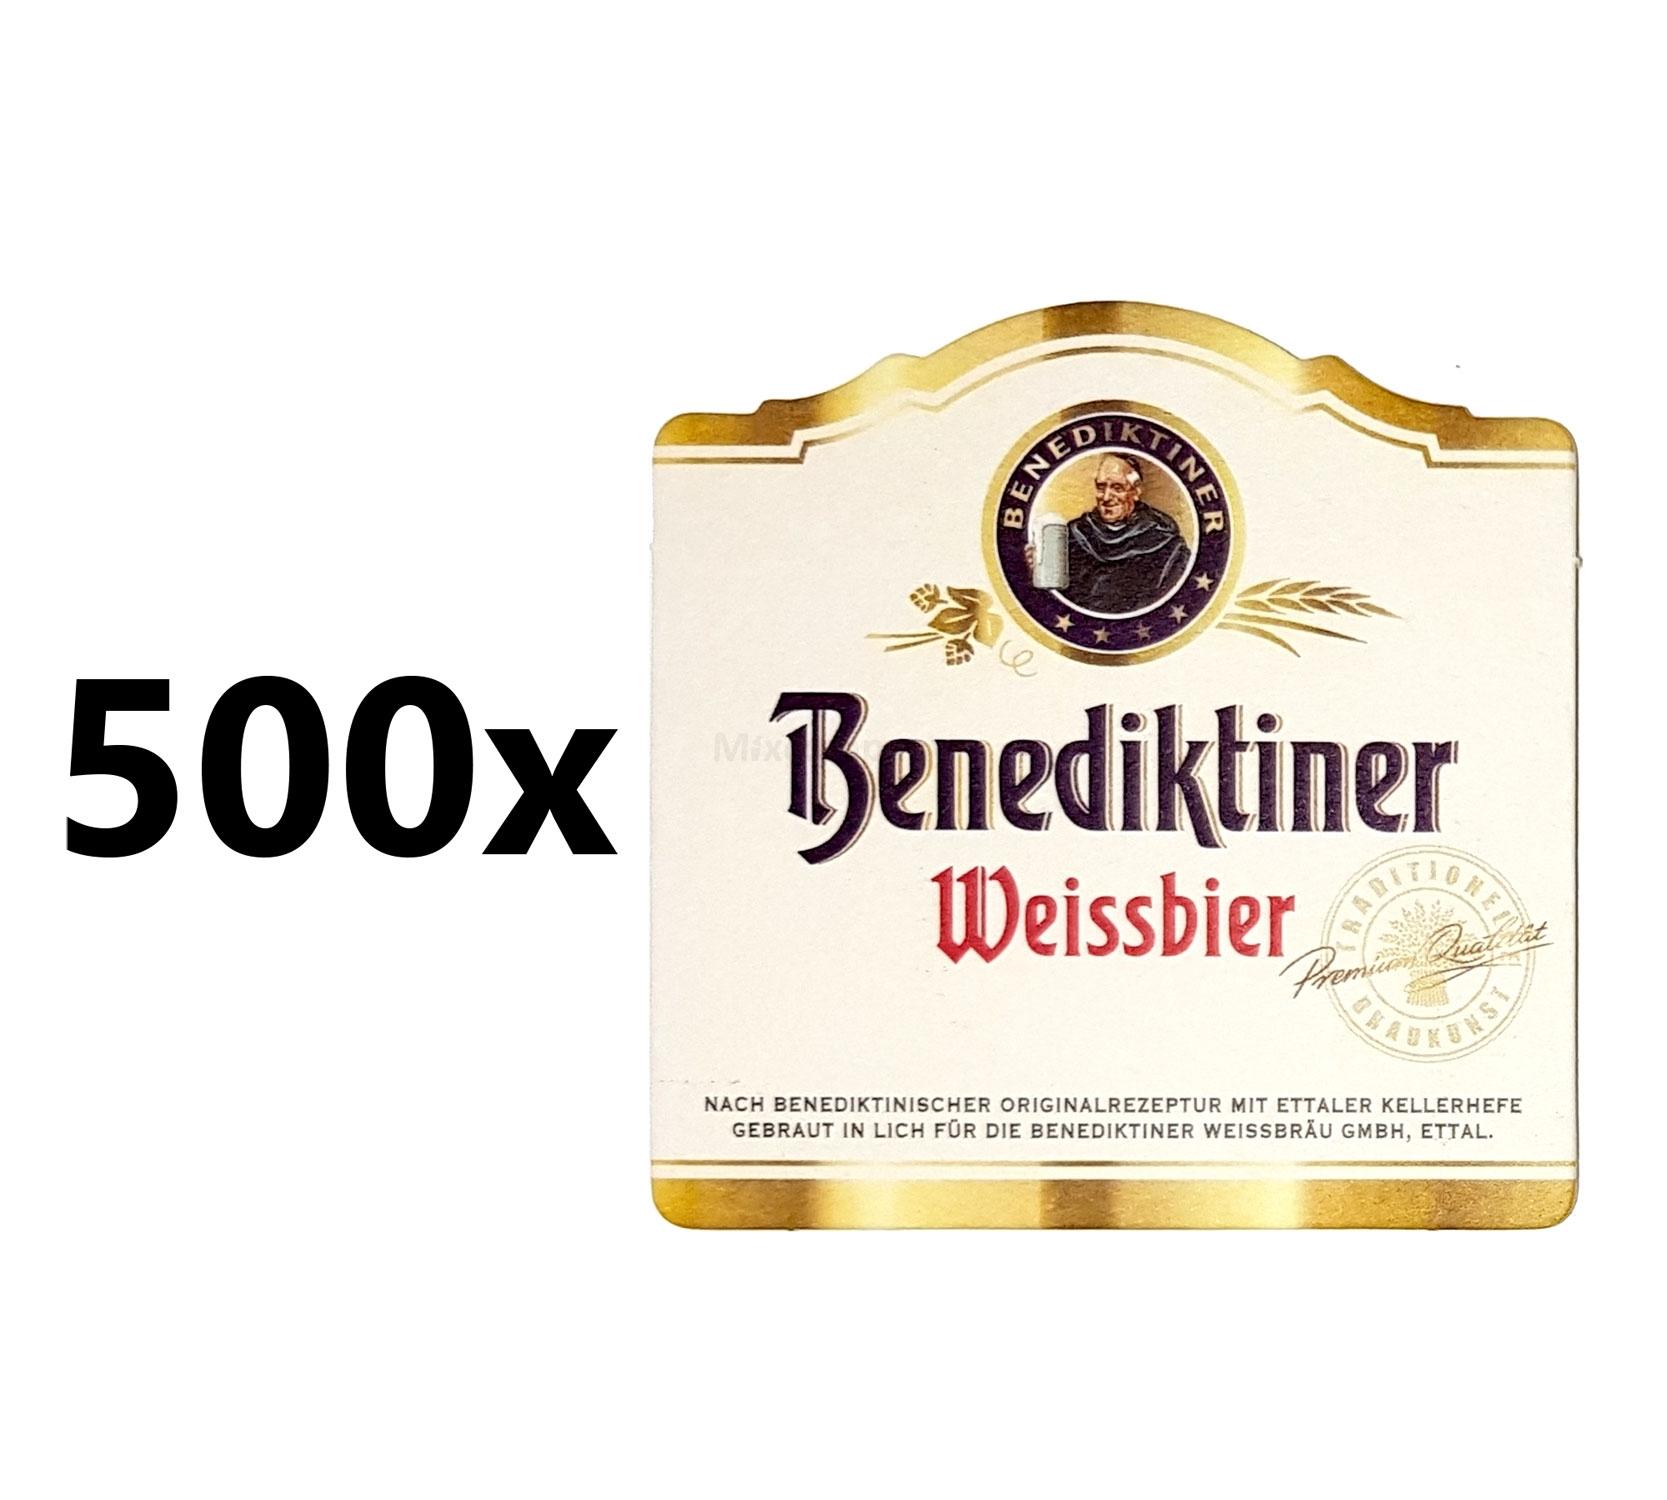 Benediktiner Weissbier Bierdeckel / Untersetzer - 500 Stück